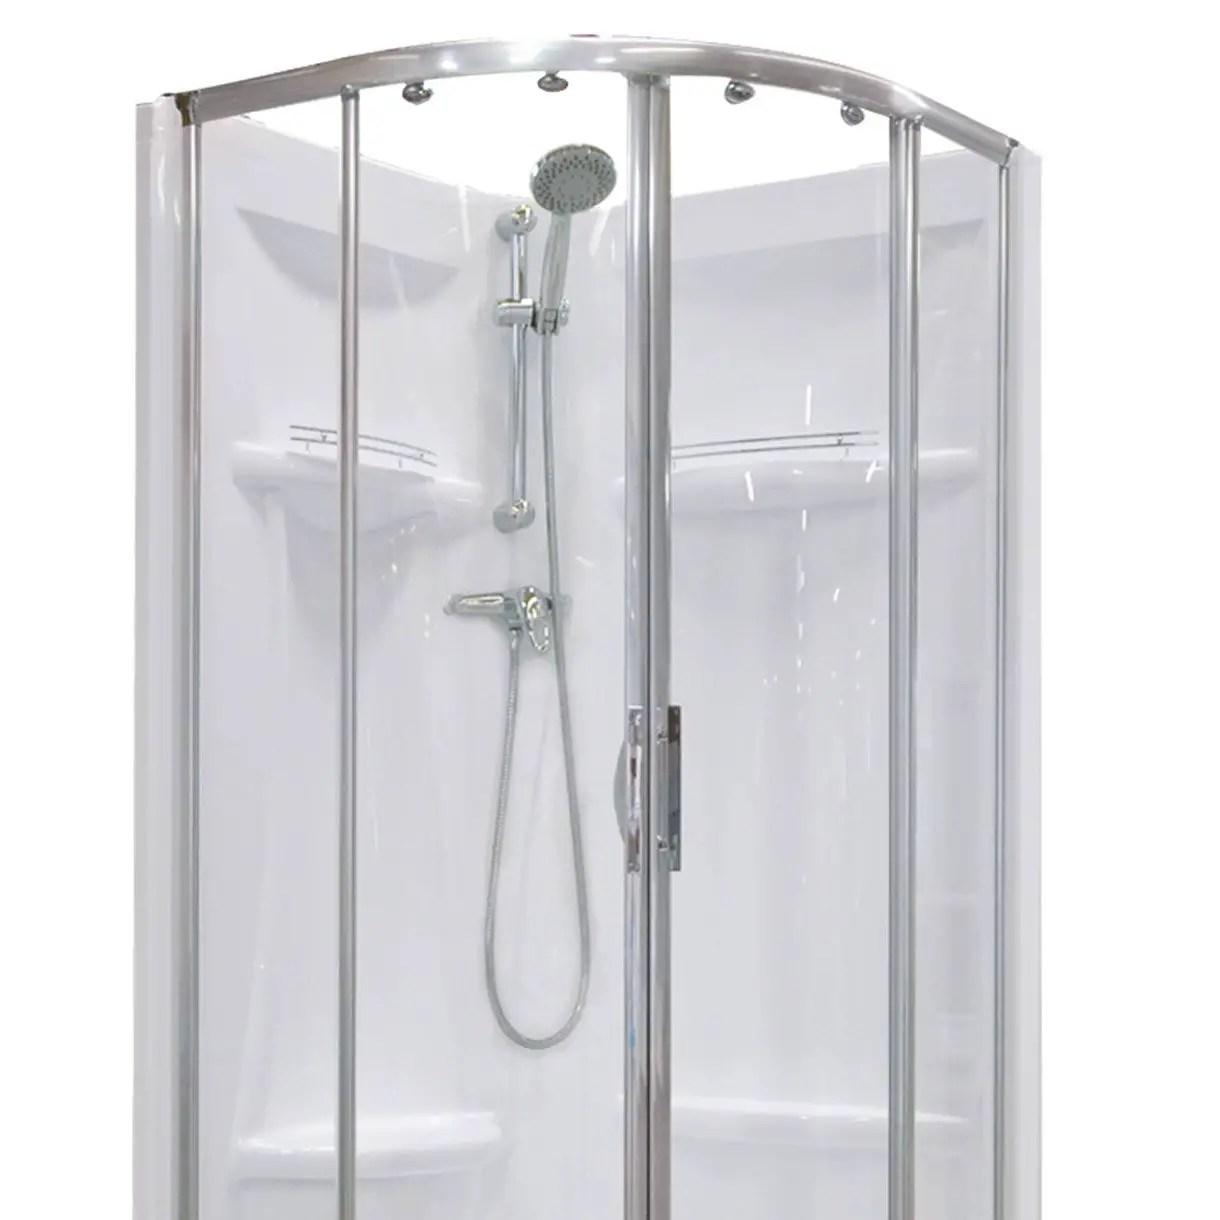 cabine de douche quart de cercle 80x80